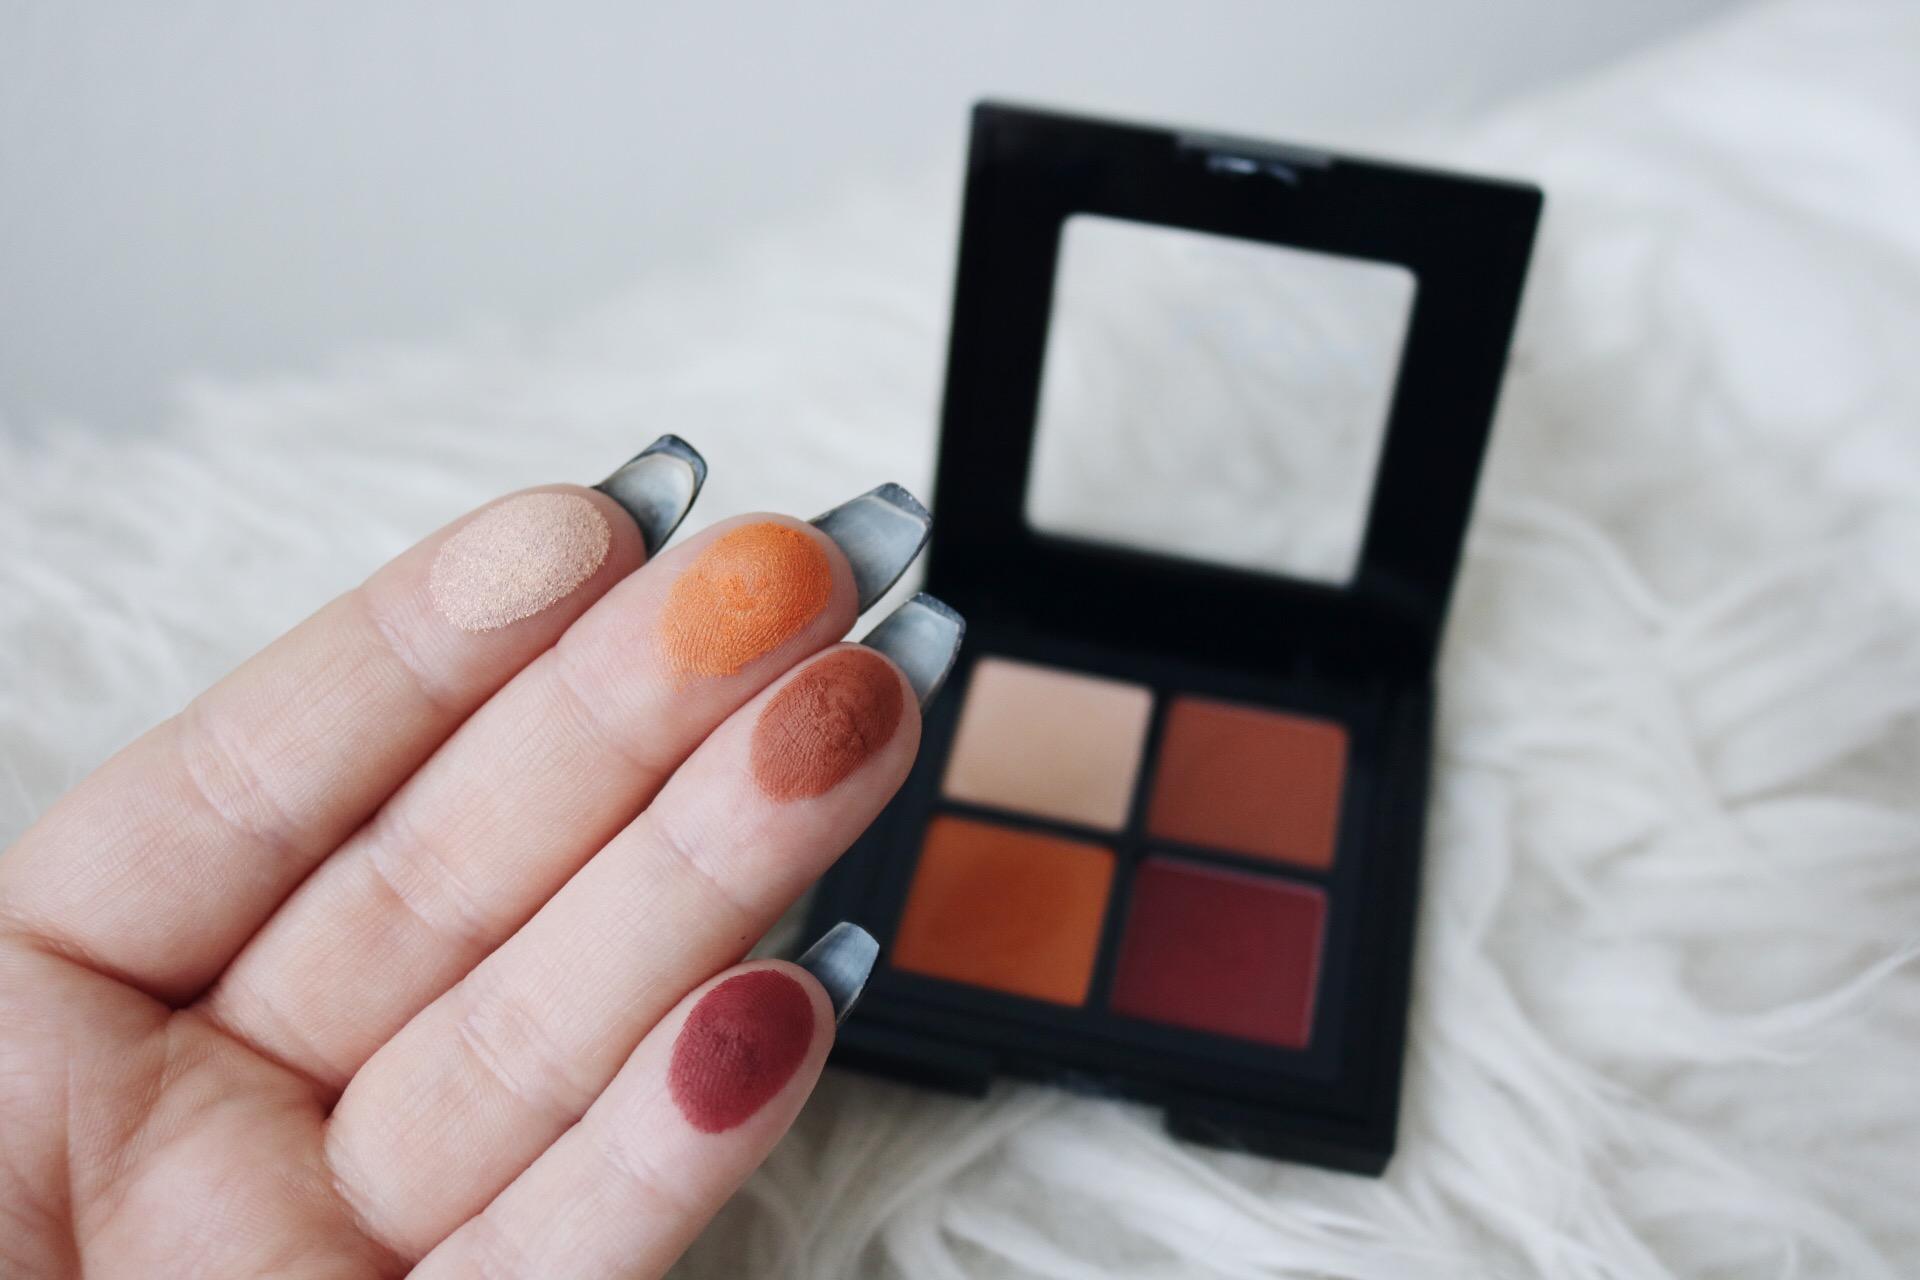 NYX full throttle ögonskuggor color riot skönhetsblogg swatches amandahans ögonskuggspalett